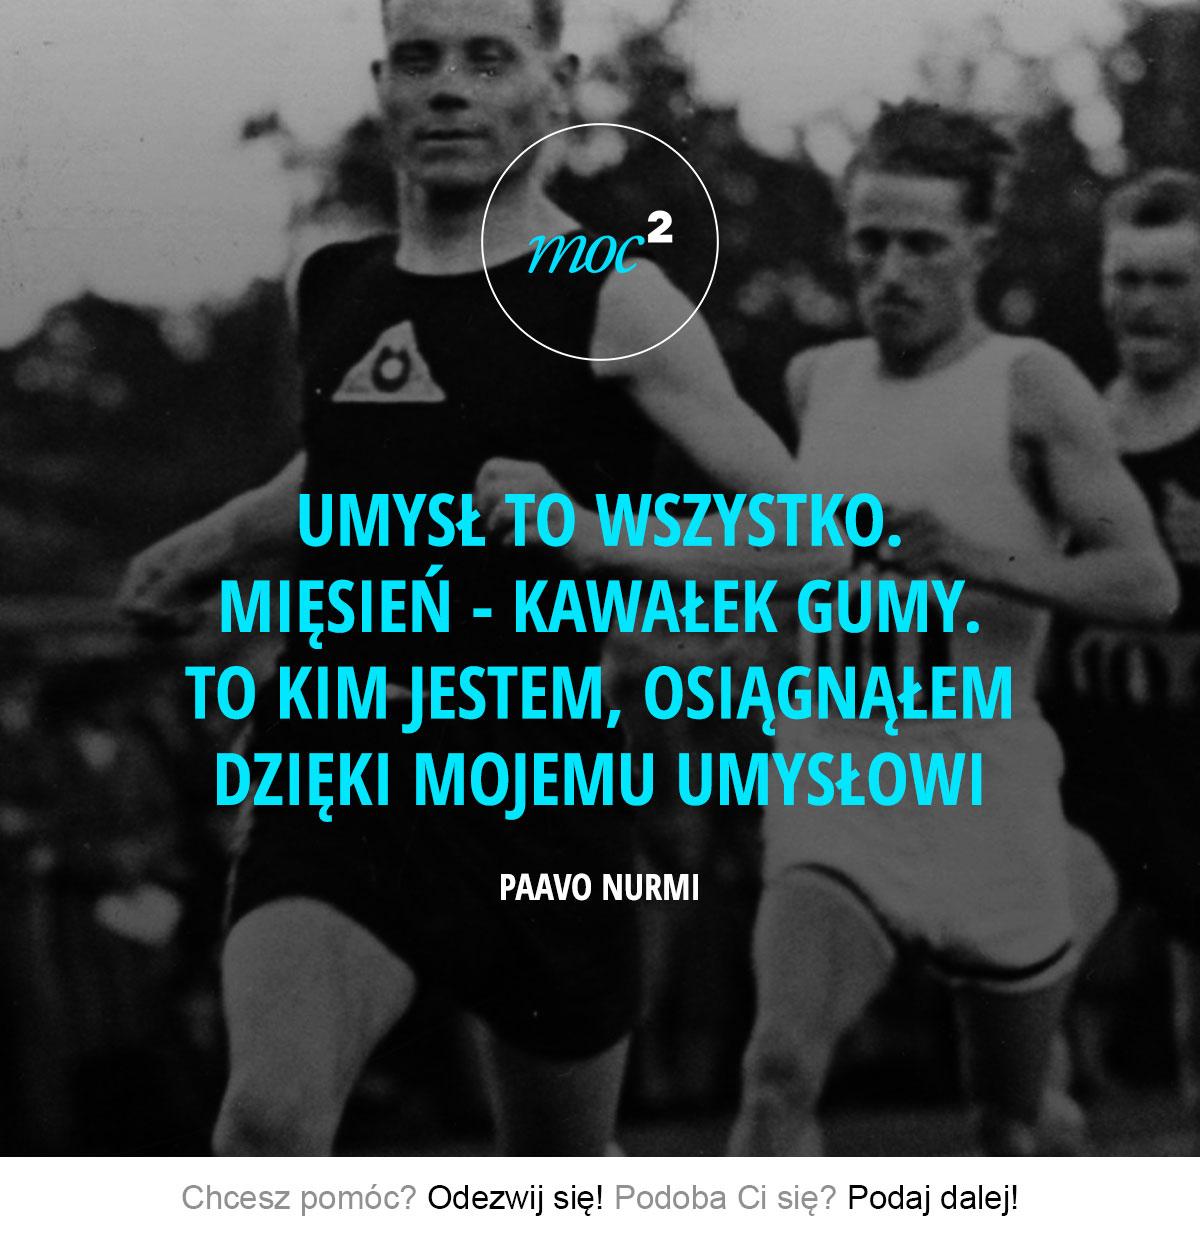 Umysł to wszystko. Mięsień - kawałek gumy. To kim jestem, osiągnąłem dzięki mojemu umysłowi. – Paavo Nurmi